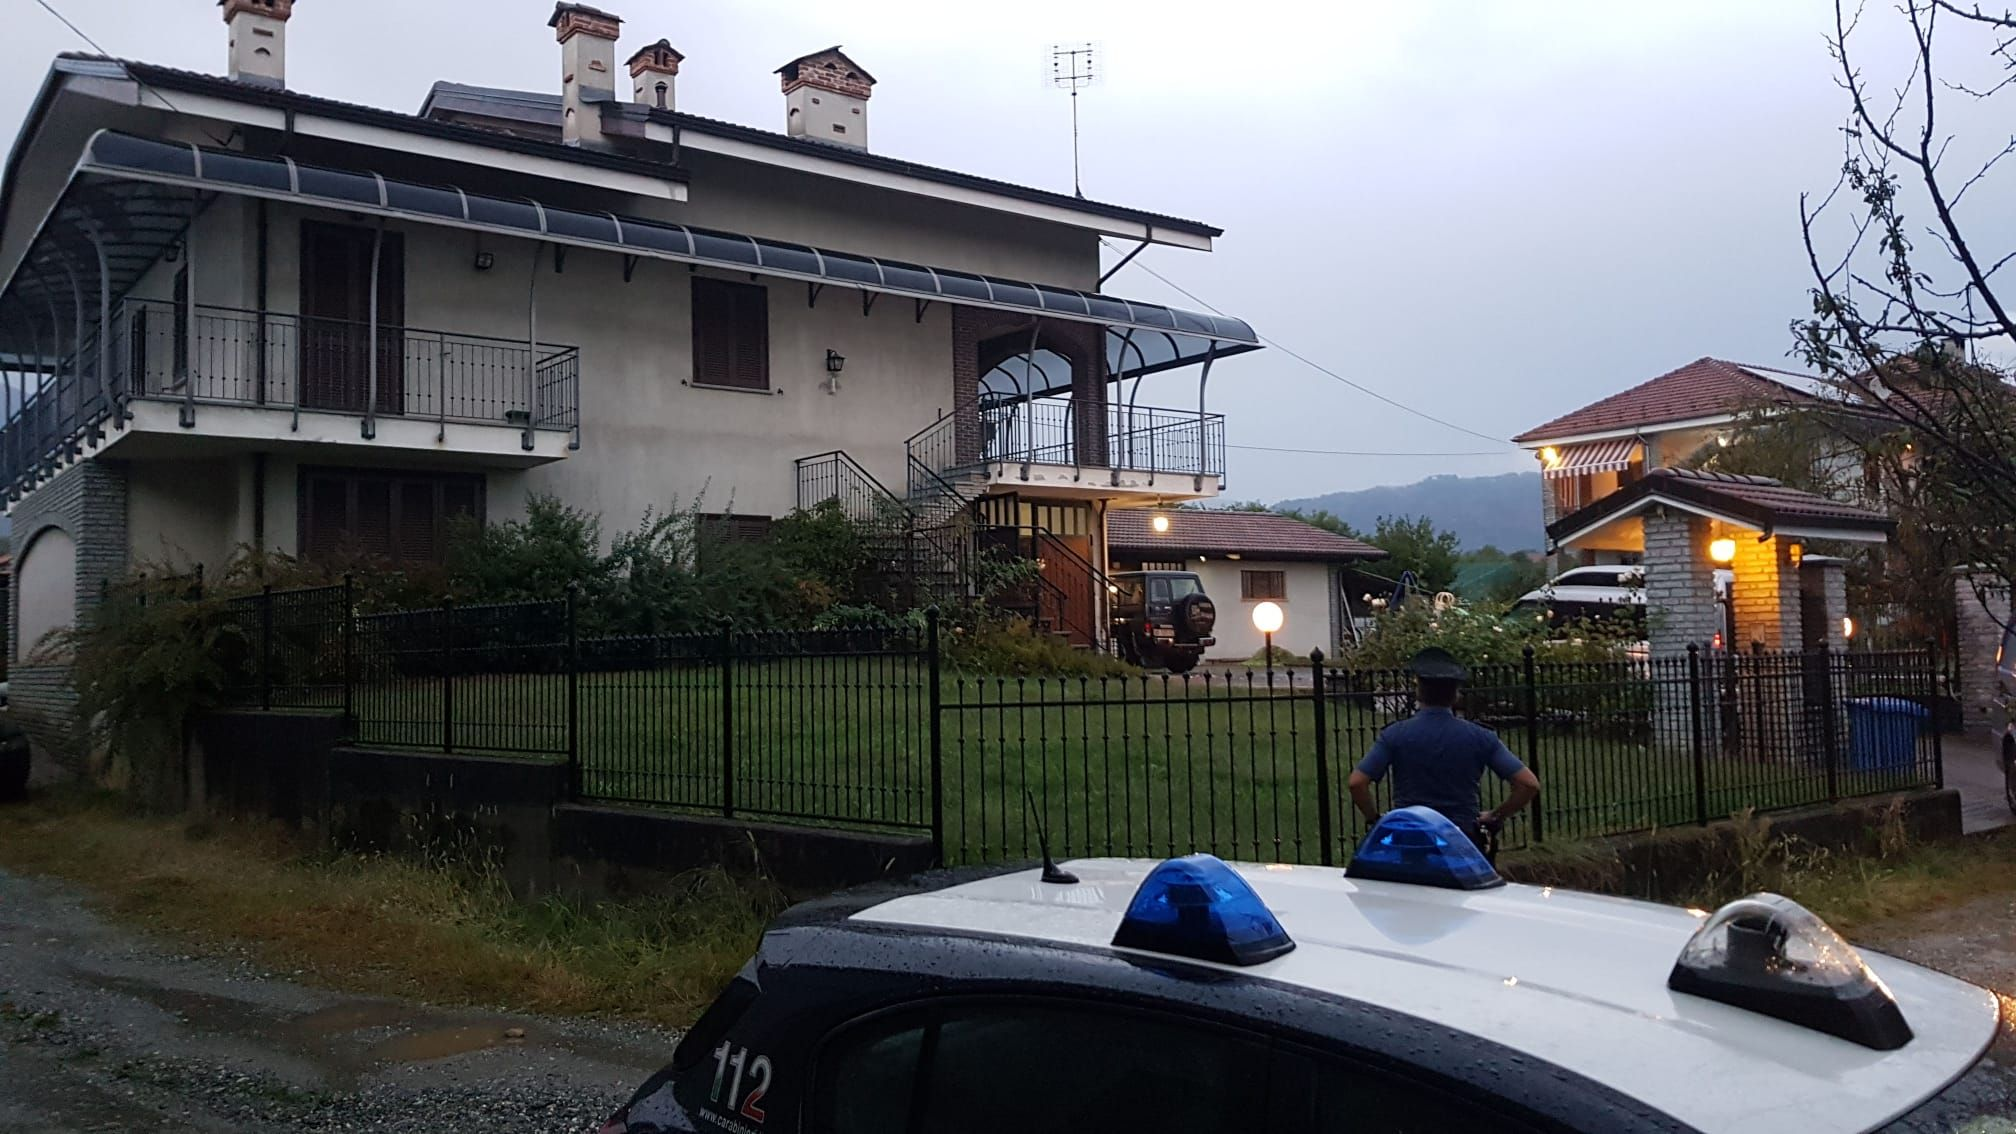 RIVARA - Omicidio suicidio, la pistola del delitto sarà analizzata dal Ris di Parma